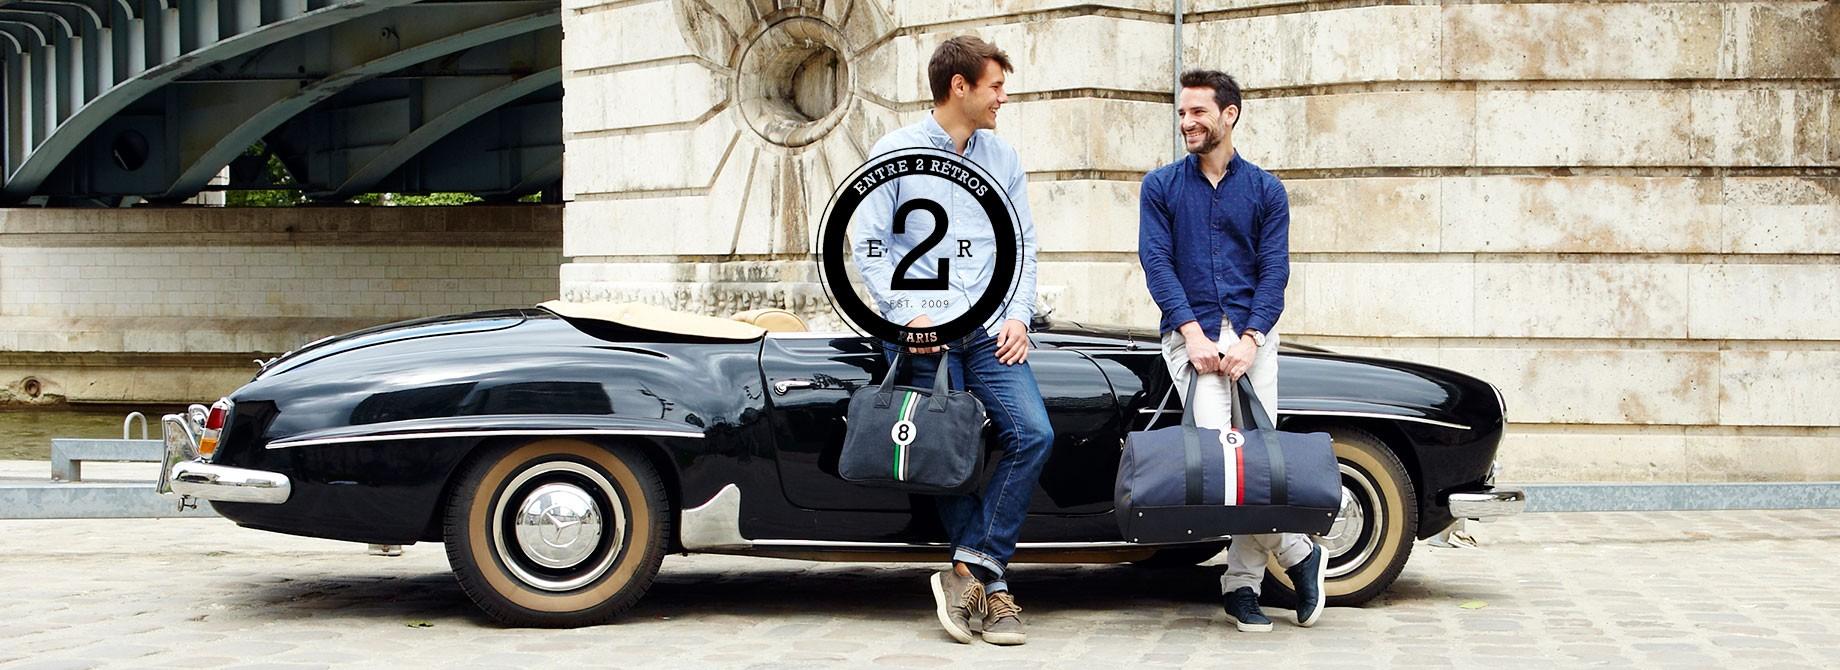 Inspirée de l'univers automobile des annnées 50 et 60, Entre 2 Rétros propose une gamme de sacs pratiques et élégants à la fois pour homme et pour femme à partir de matériaux upcyclés.